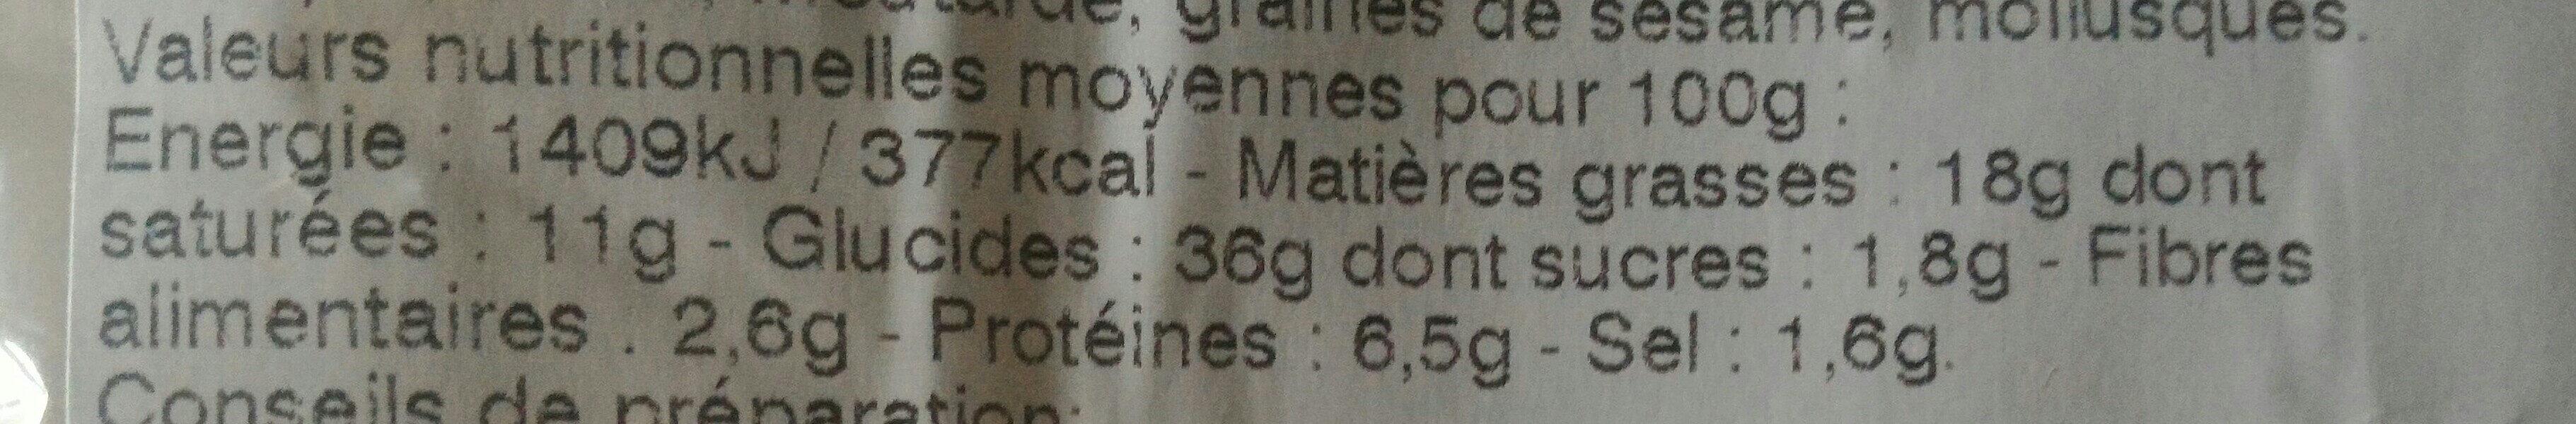 Mini-préfou Chèvre tomates basilic - Voedingswaarden